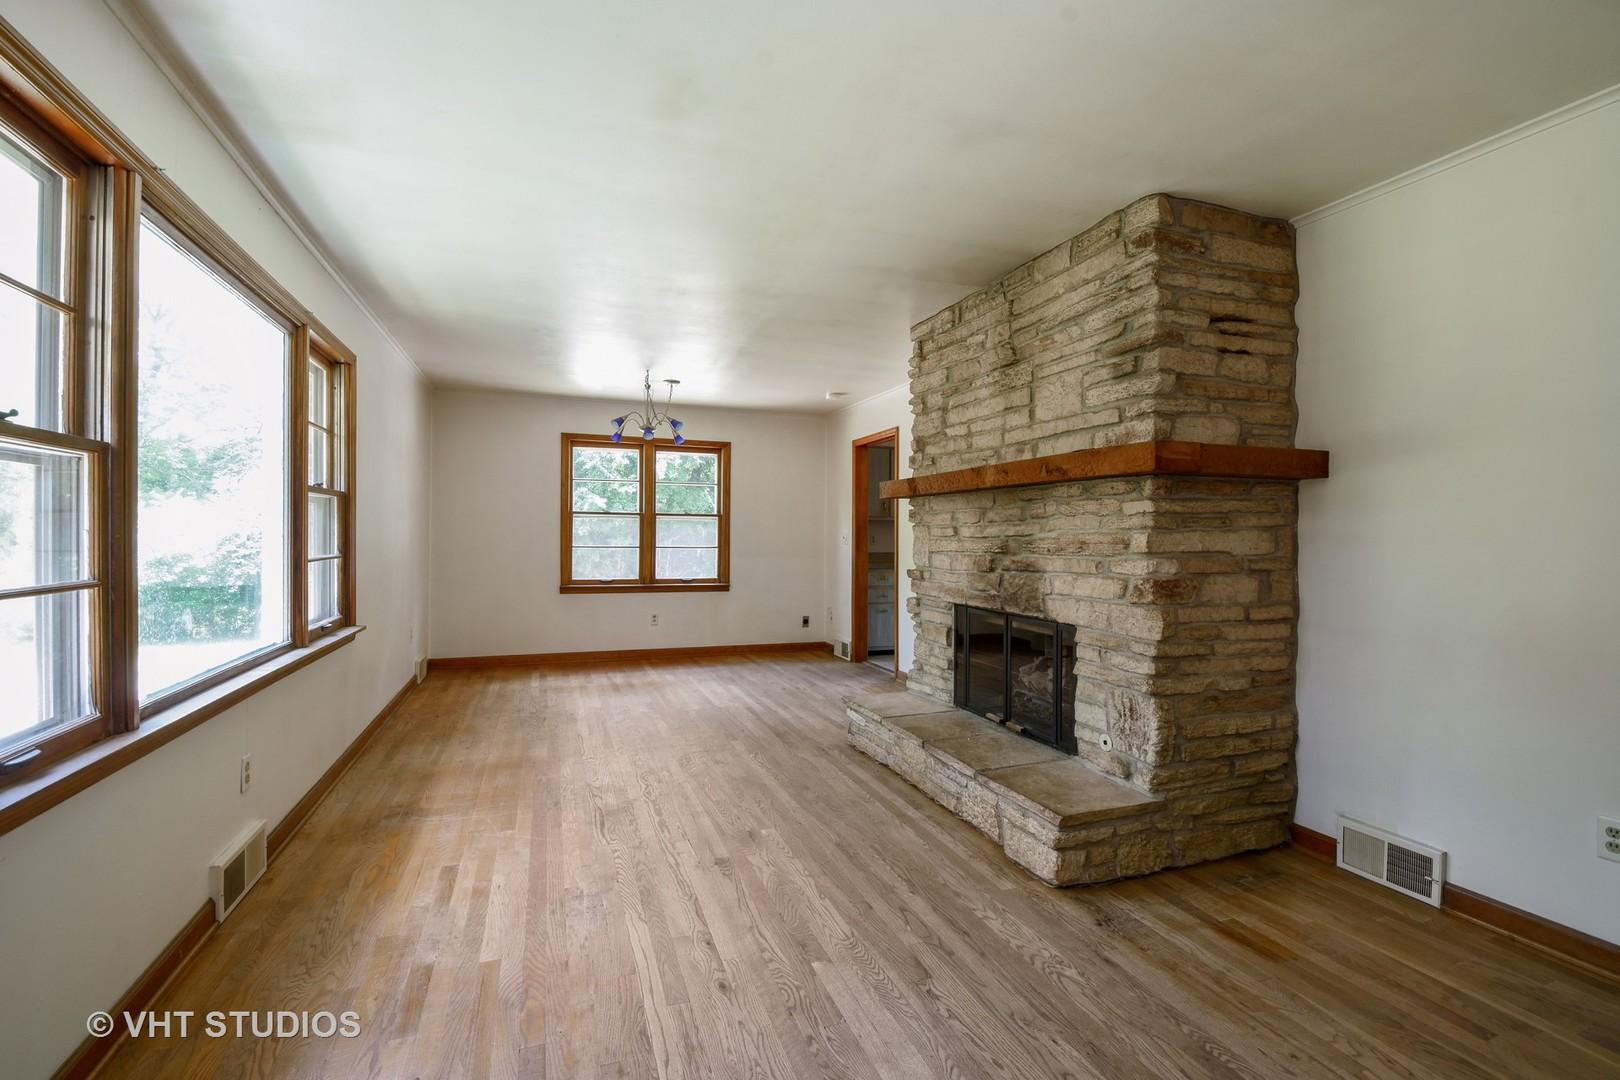 28478 Main ,Barrington, Illinois 60010